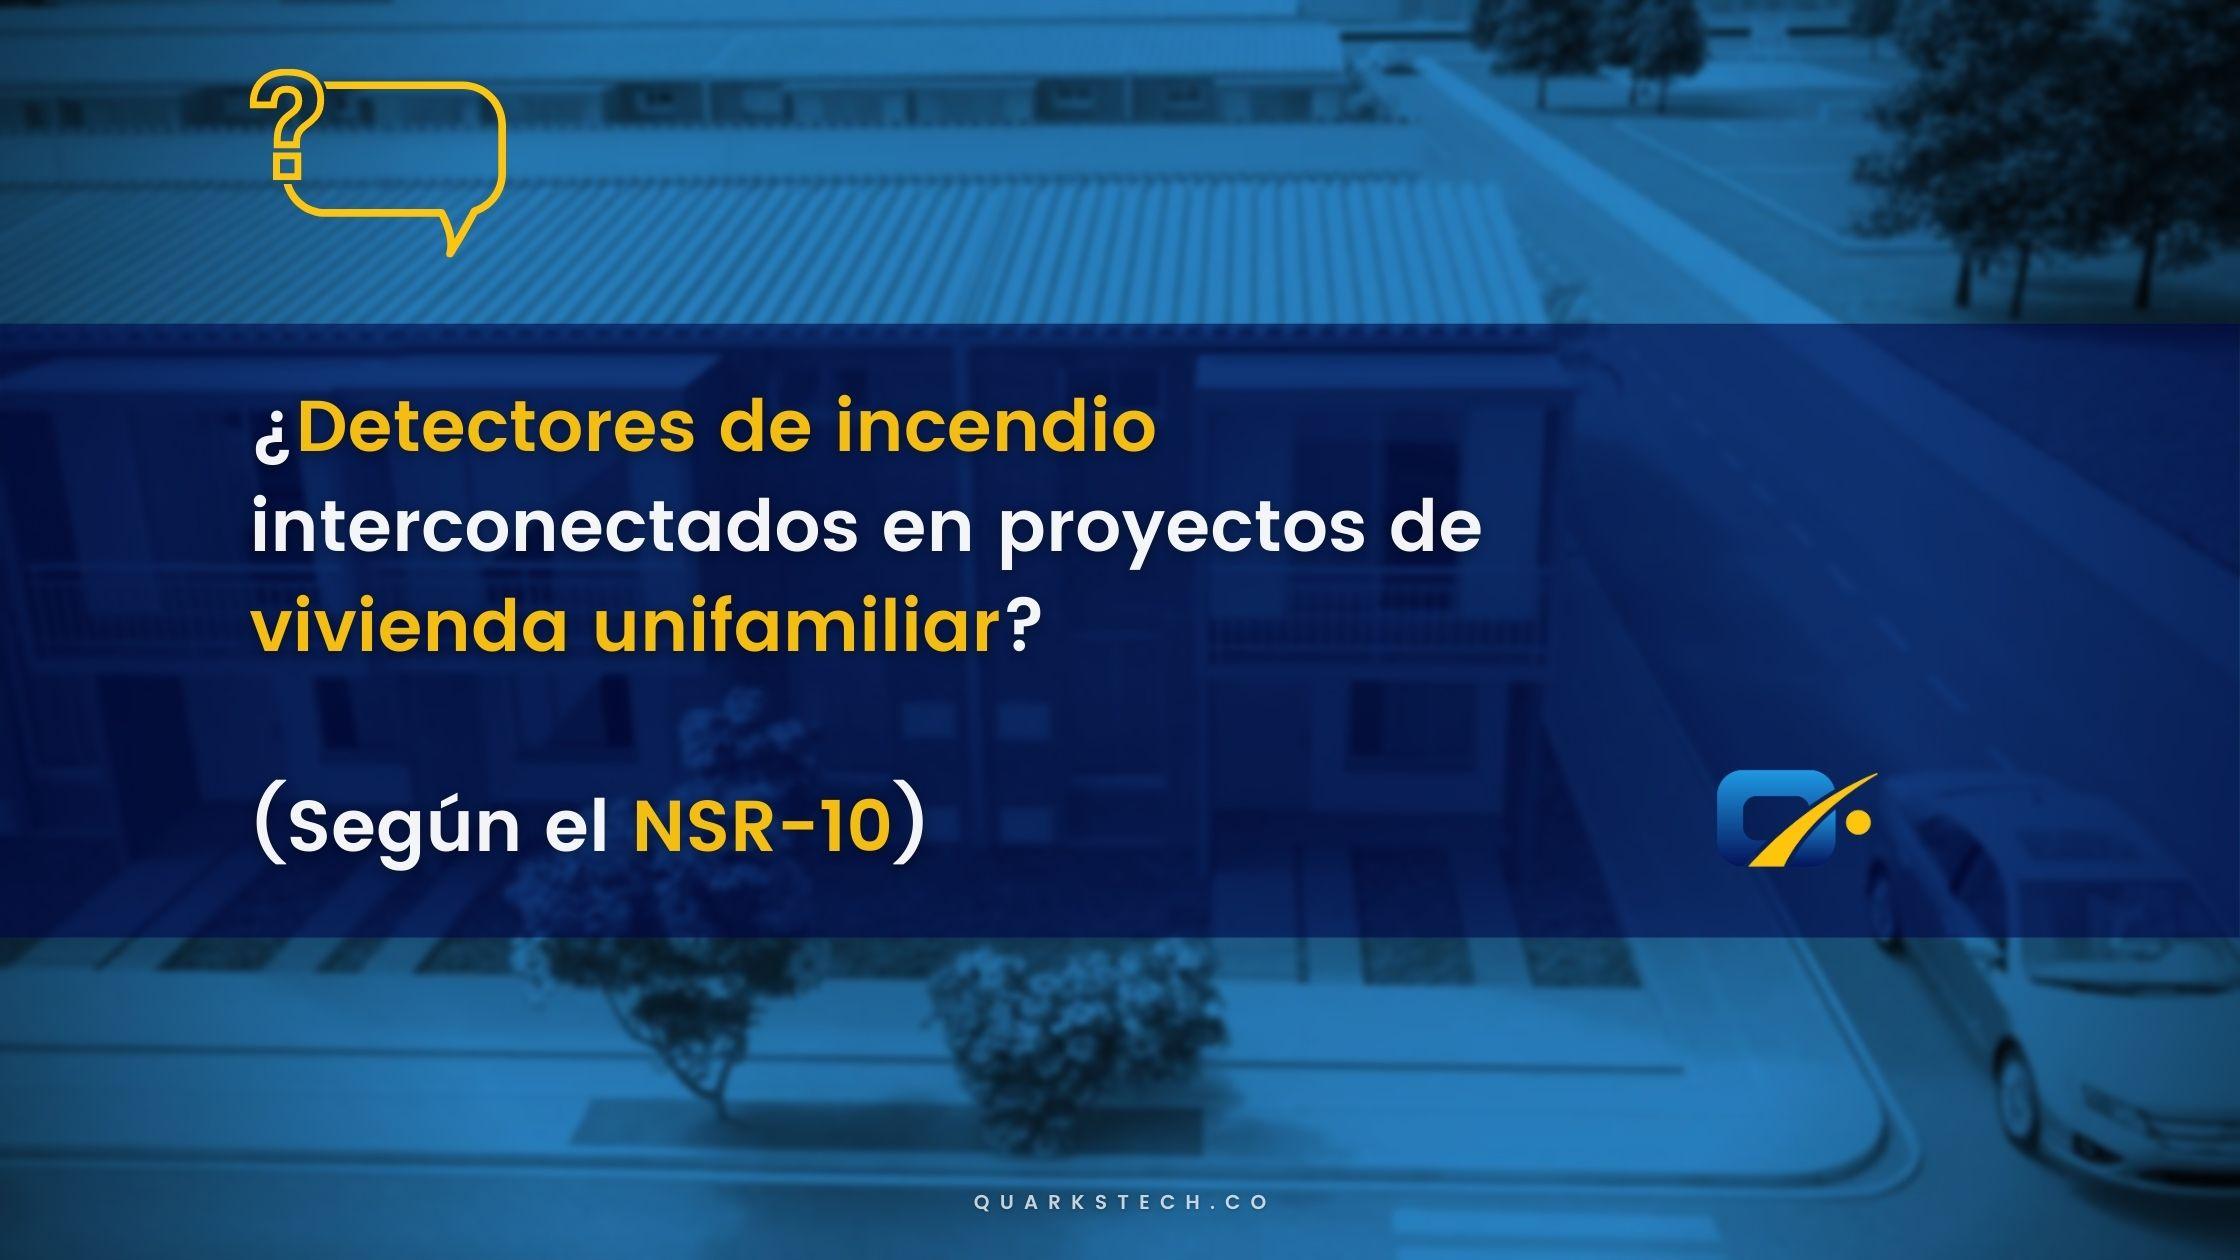 ¿Deben estar interconectados los detectores de incendio en proyectos de vivienda unifamiliar según el NSR-10?